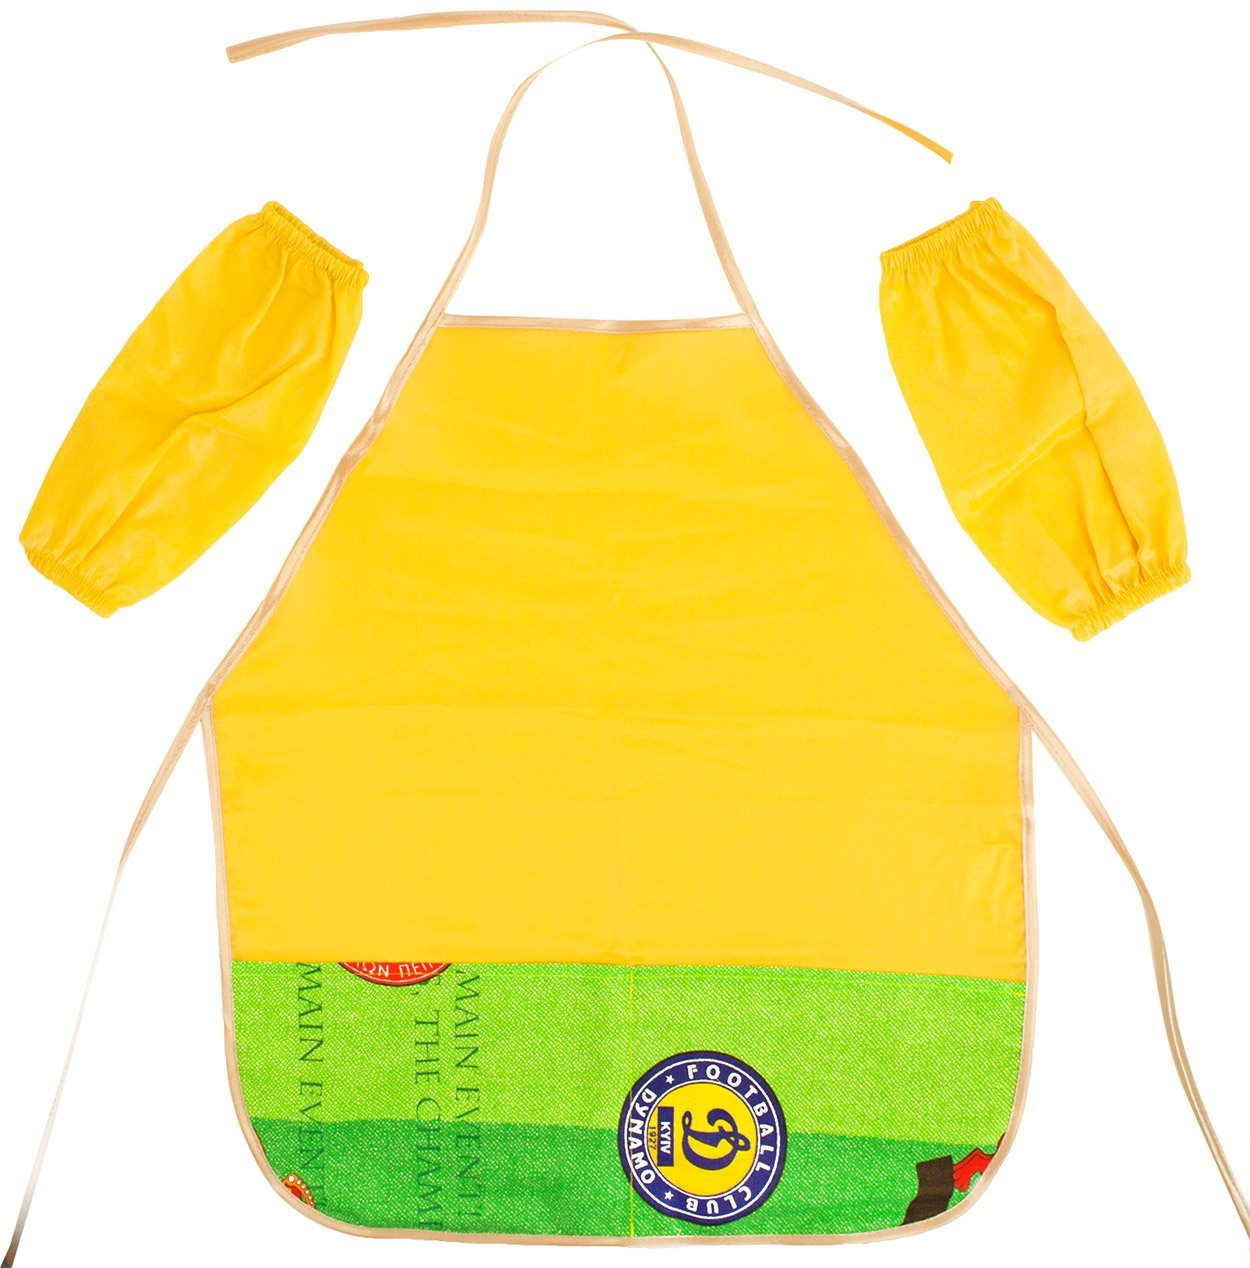 Клубный - набор для детского творчества на 7 - 10 лет (фартук+манжеты) Elin